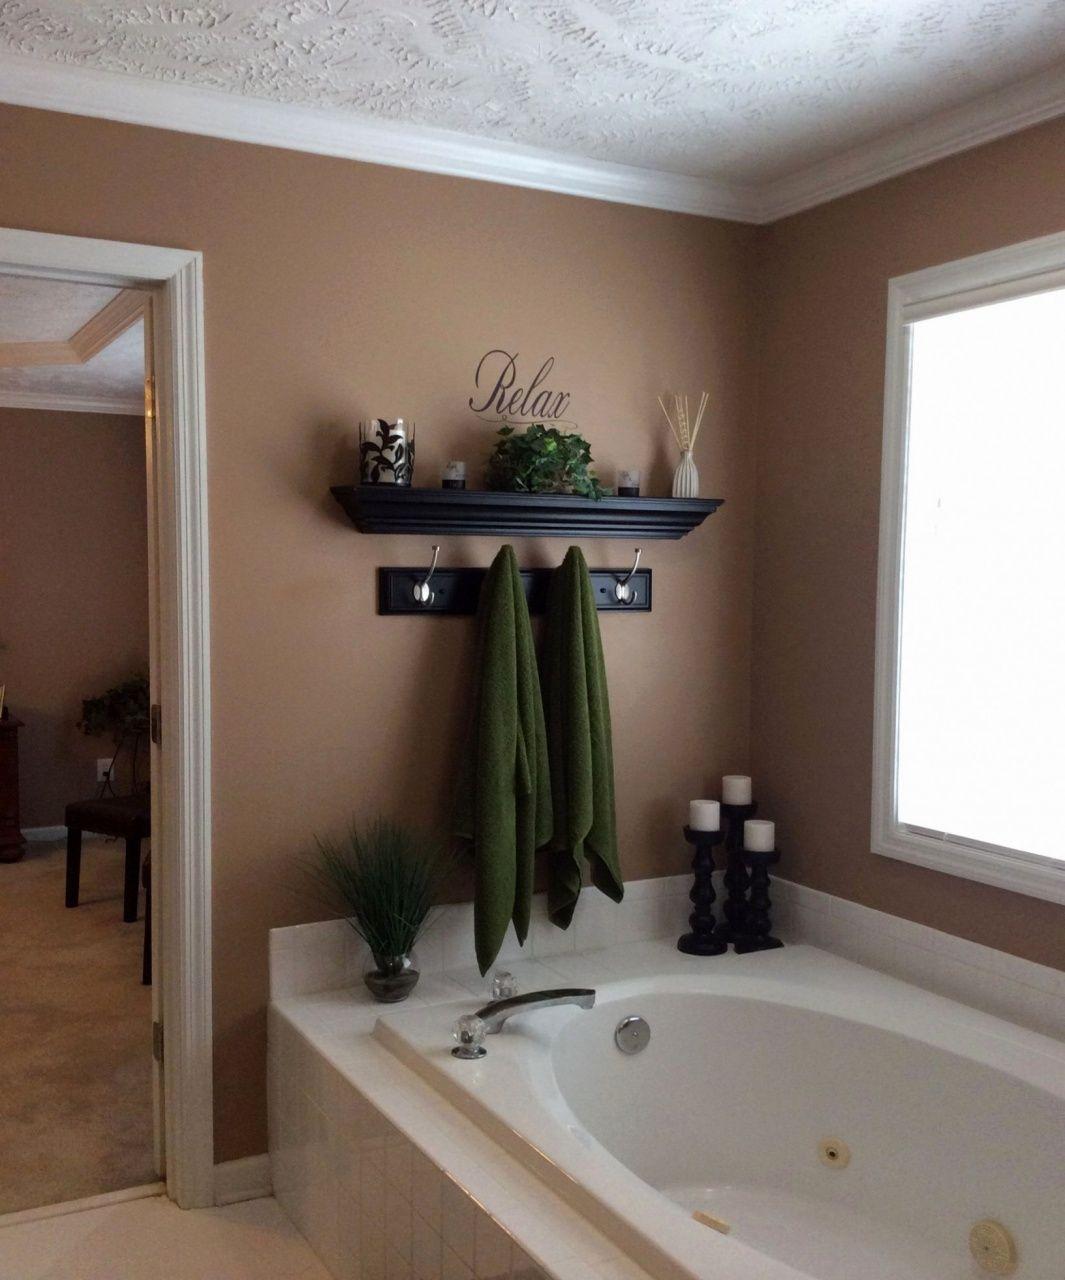 small bathroom wall decor ideas - Google Search in 8  Bathroom